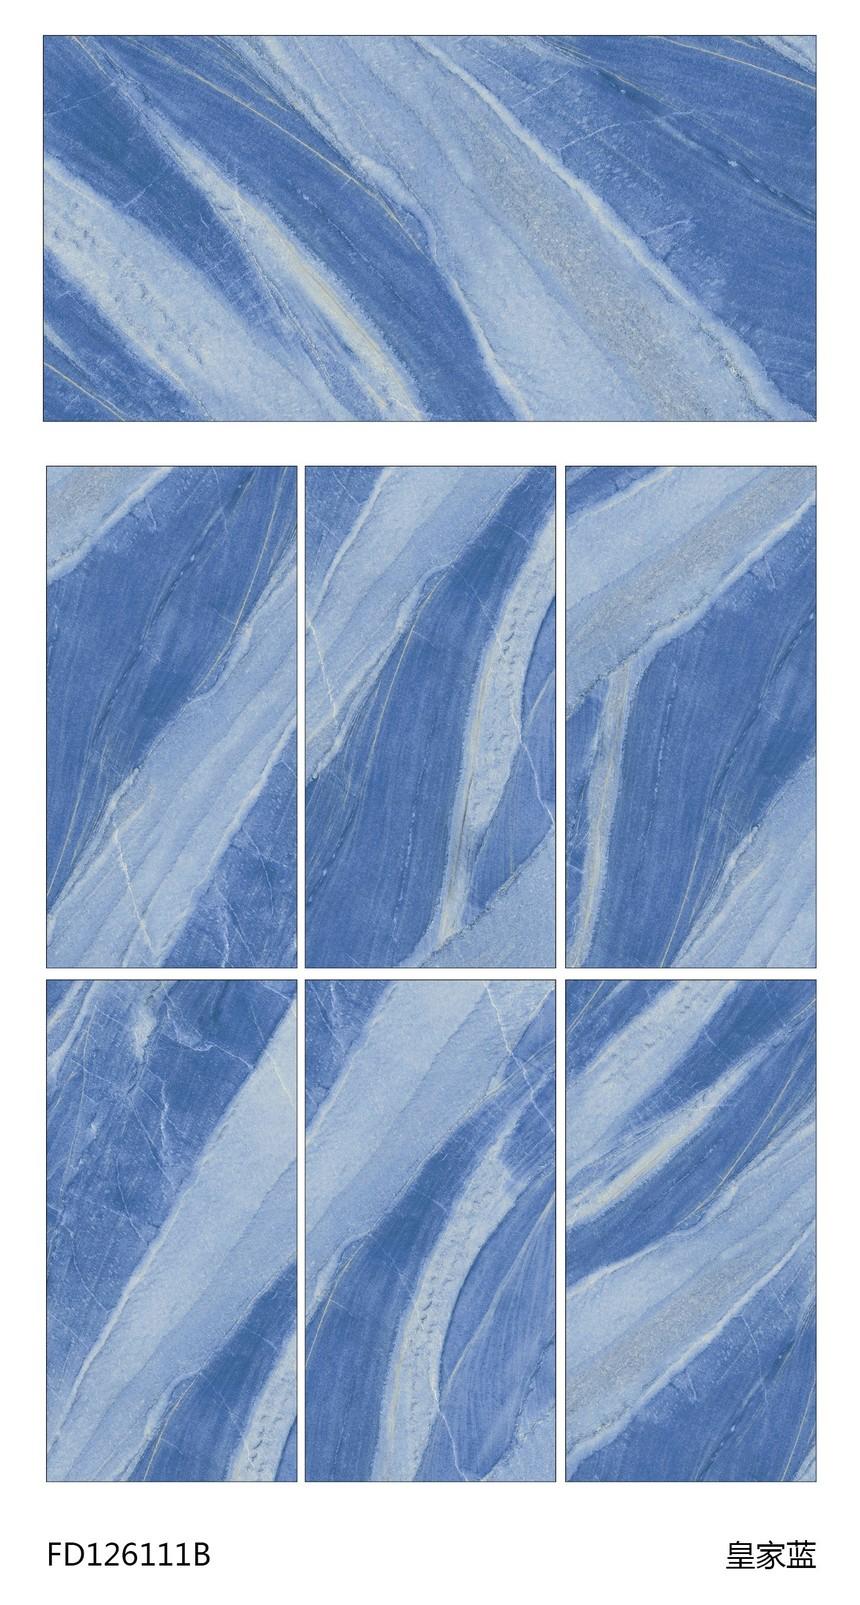 FD126111B 皇家蓝.jpg